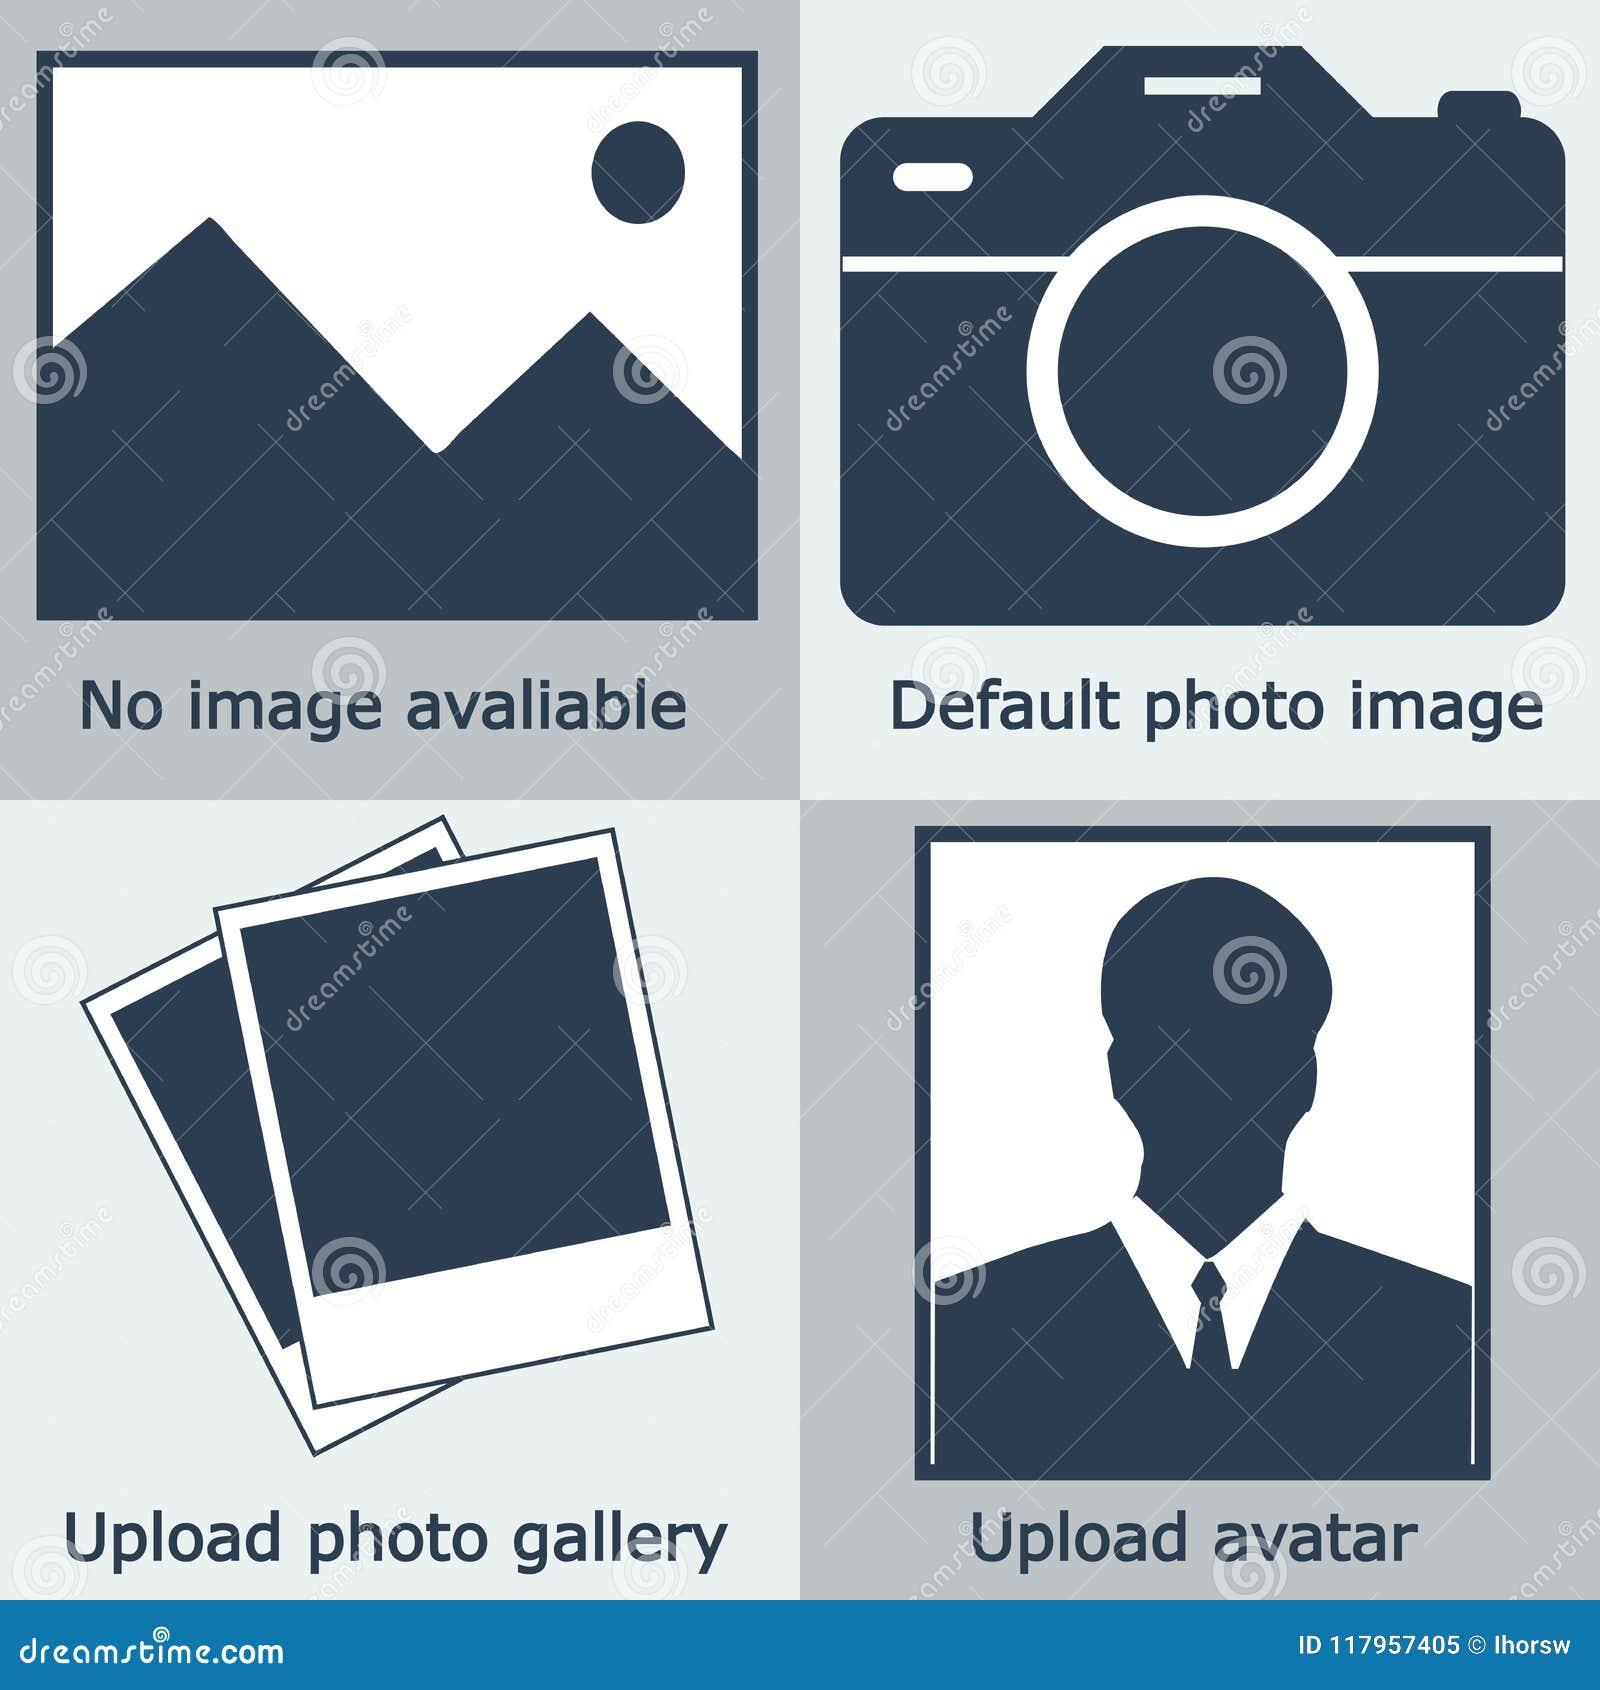 Zmrok - błękita żadny wizerunek dostępny set, żadny fotografia: pusty obrazek, kamera, fotografii ikona i silhouet,